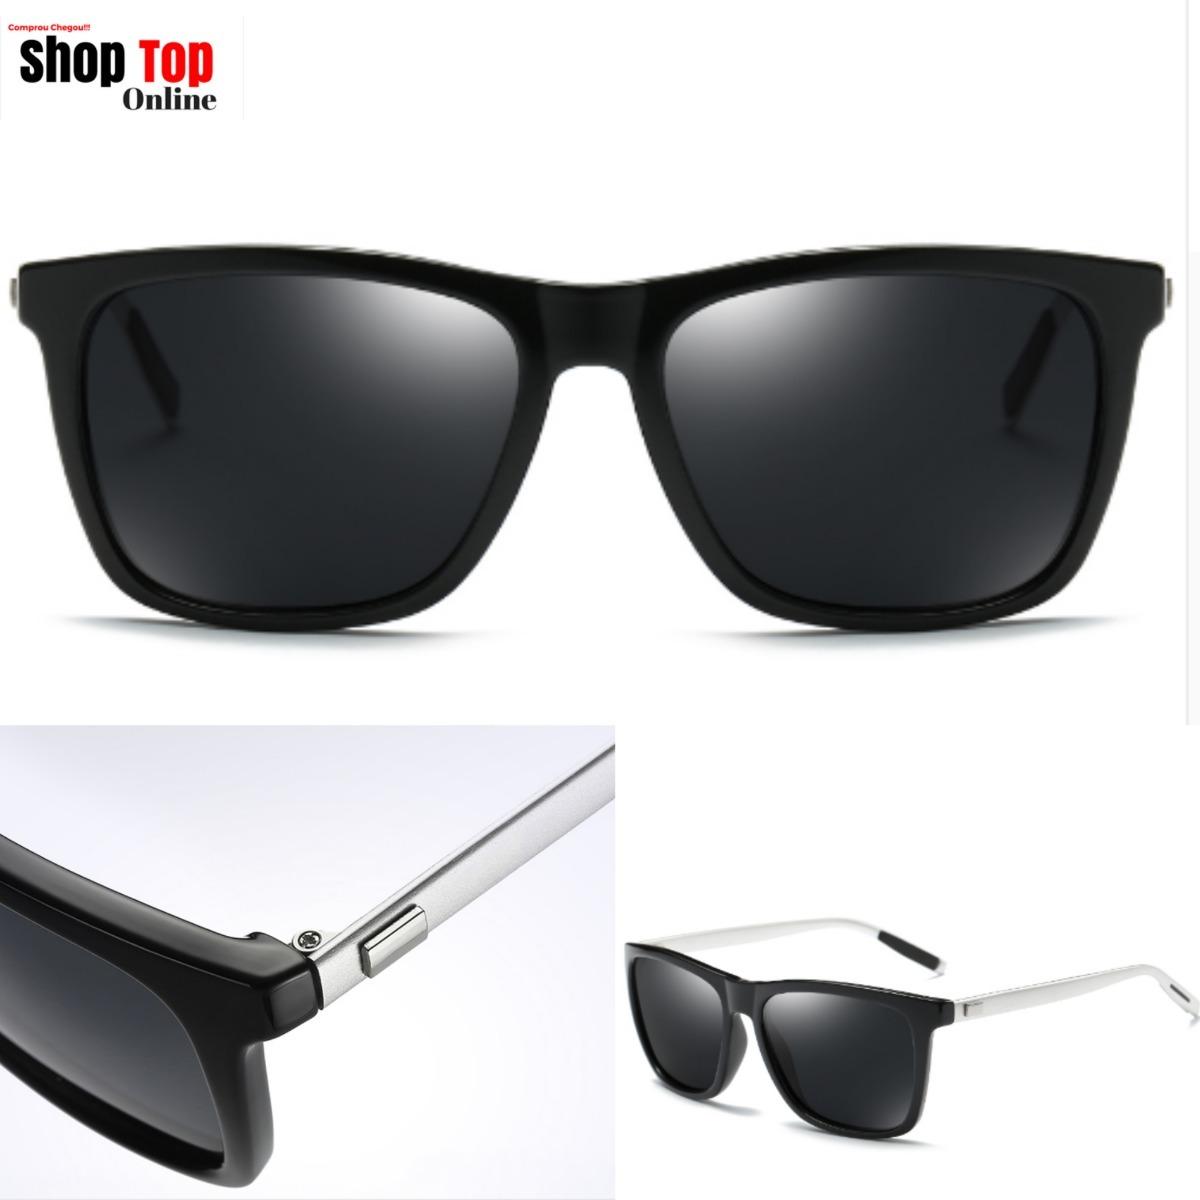 5b5074b3e30ff Óculos De Sol Original Masculino E Feminino Promoção Barato - R  124 ...